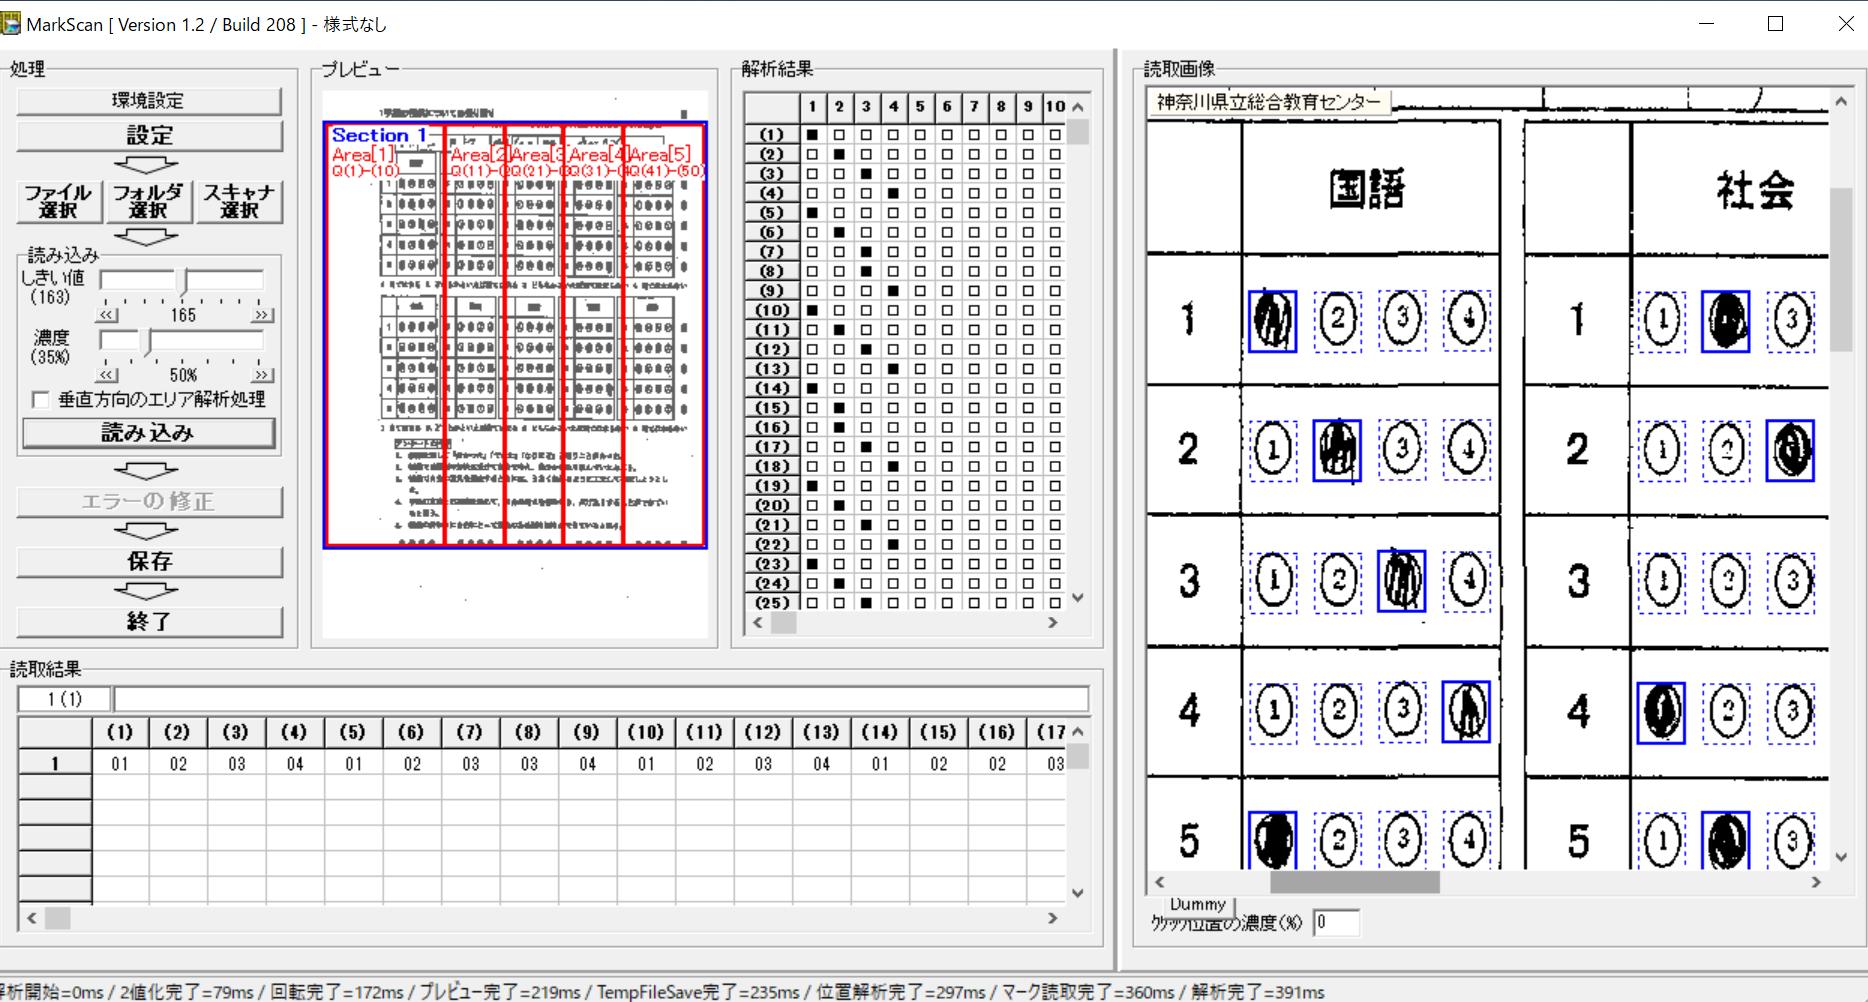 マークシート式のテストやアンケートを自由につくれる「MarkBuilder(マークビルダー)」と「MarkScan(マークスキャン)」が素晴らしい!